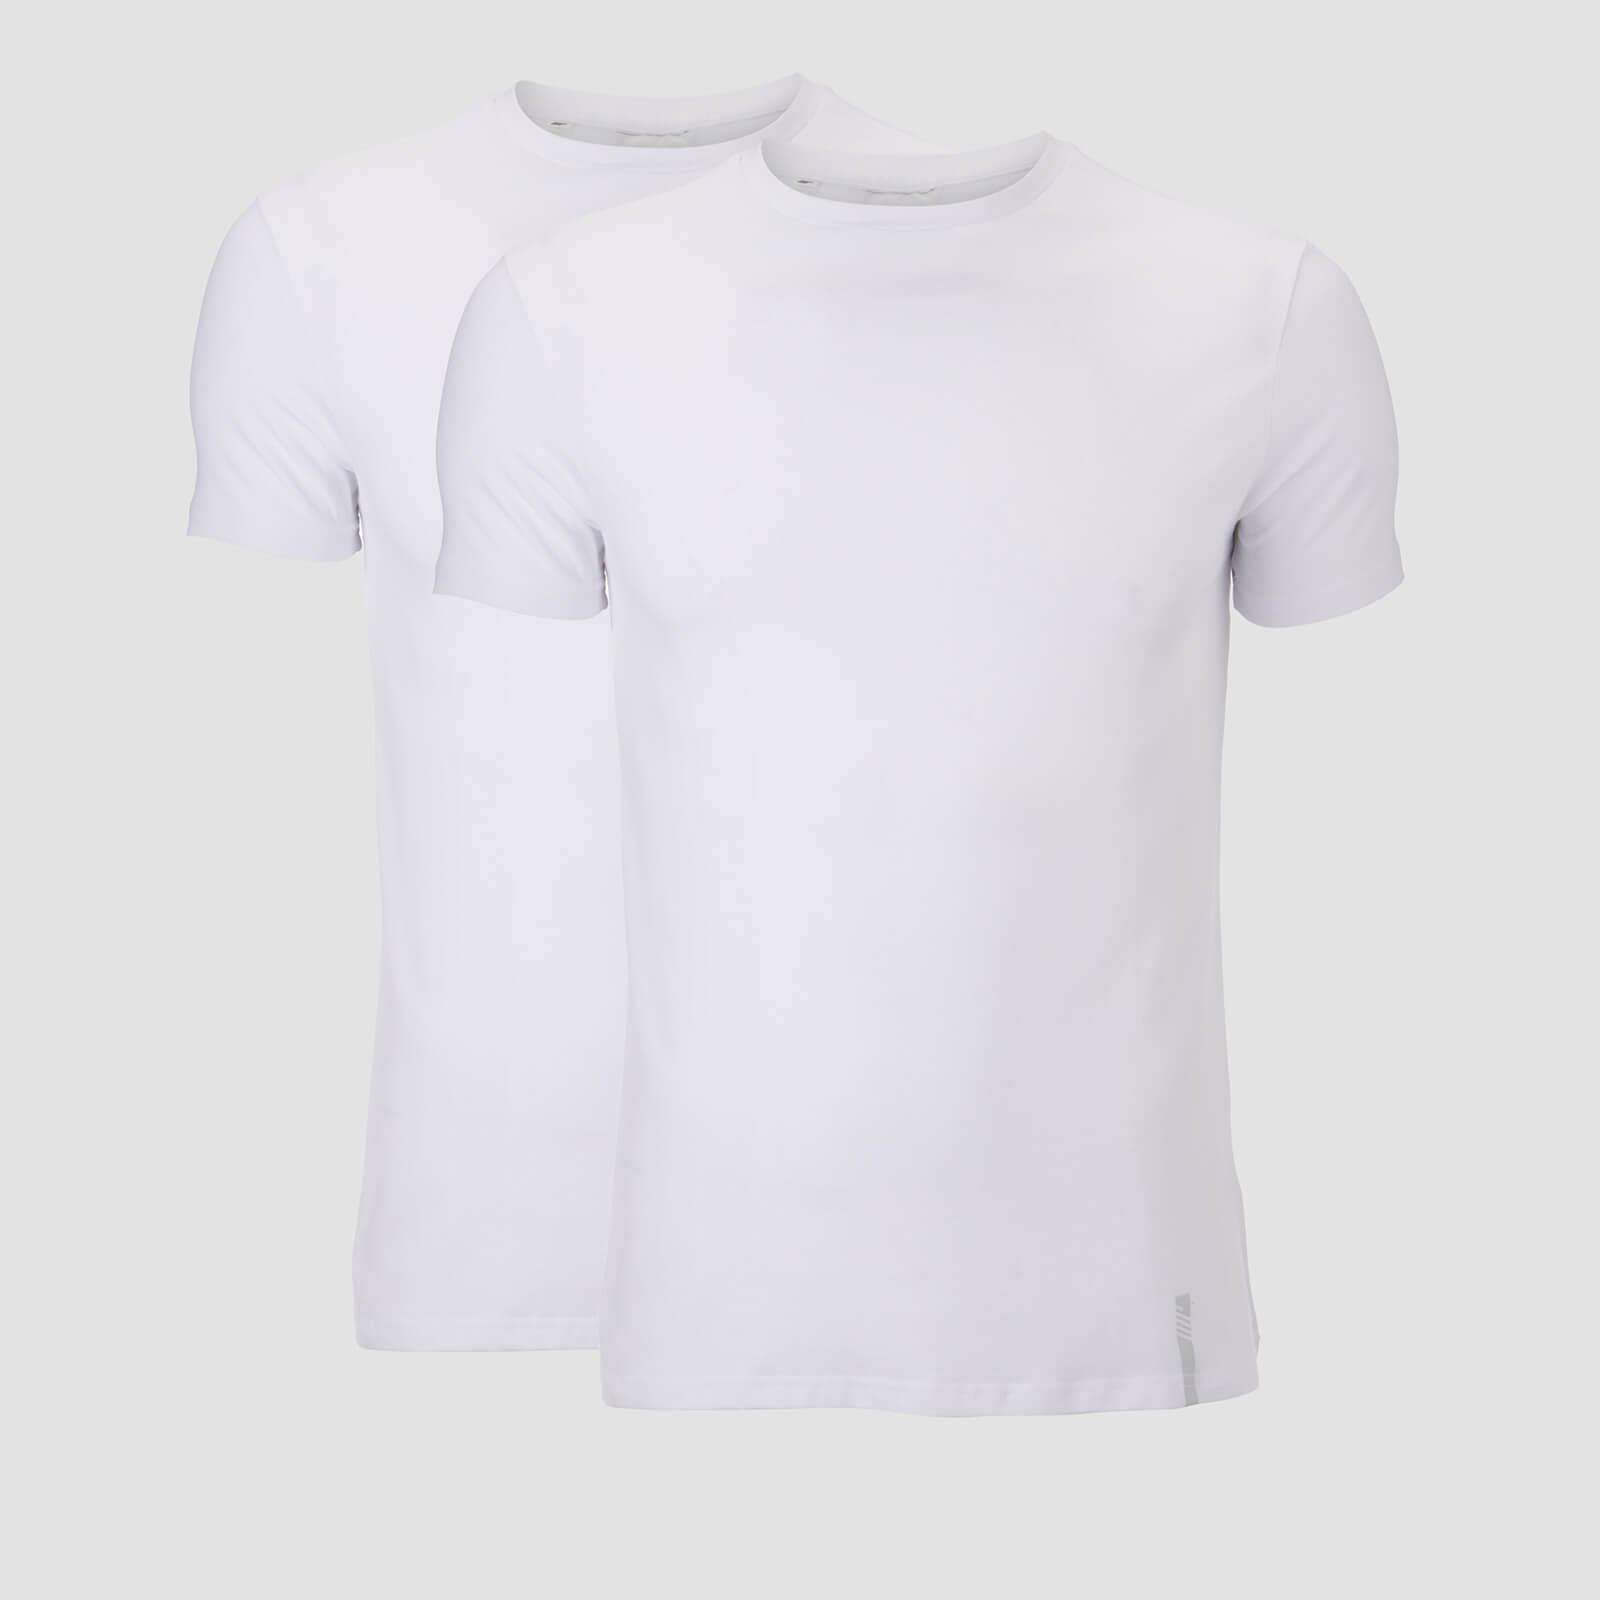 Myprotein Luxe Classic Crew T-Paita (2 Pack) - Valkoinen/Valkoinen - XXL